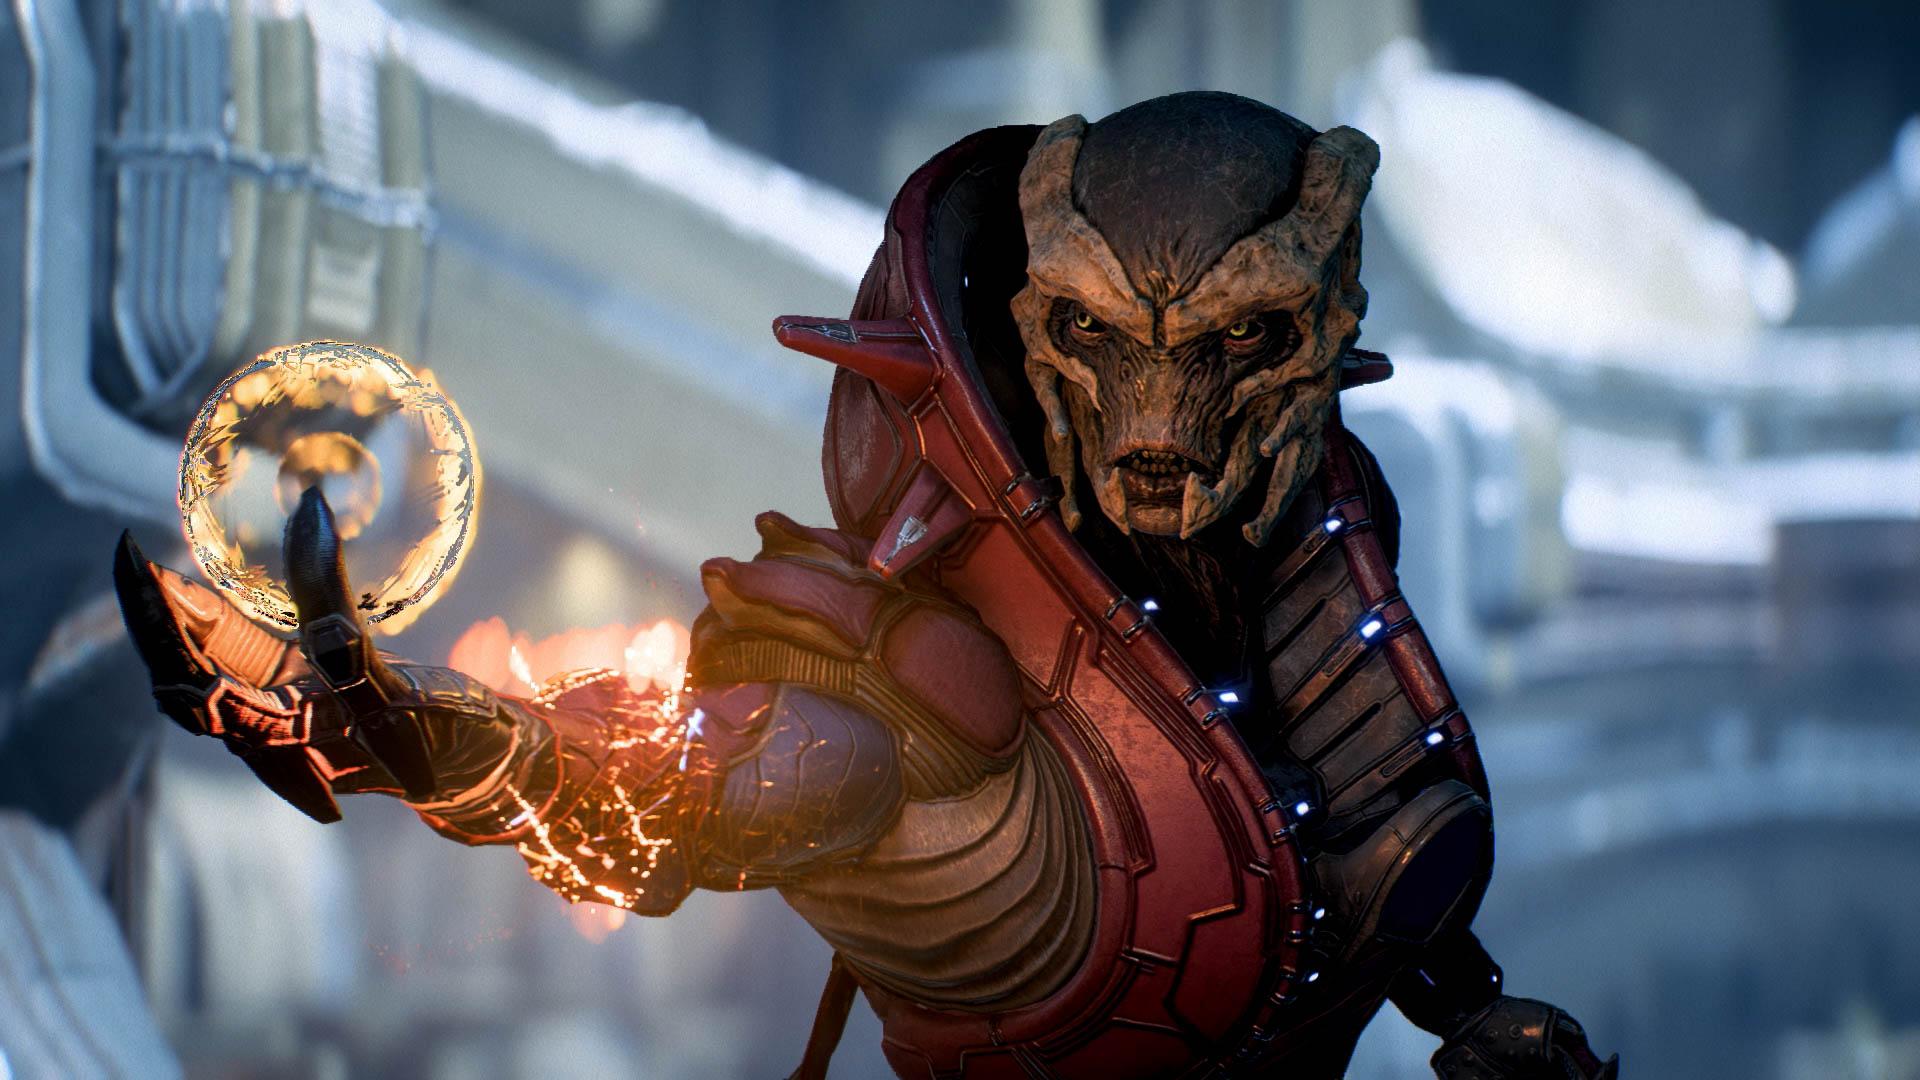 Mass Effect: Andromeda continua líder em vendas no Reino Unido 1